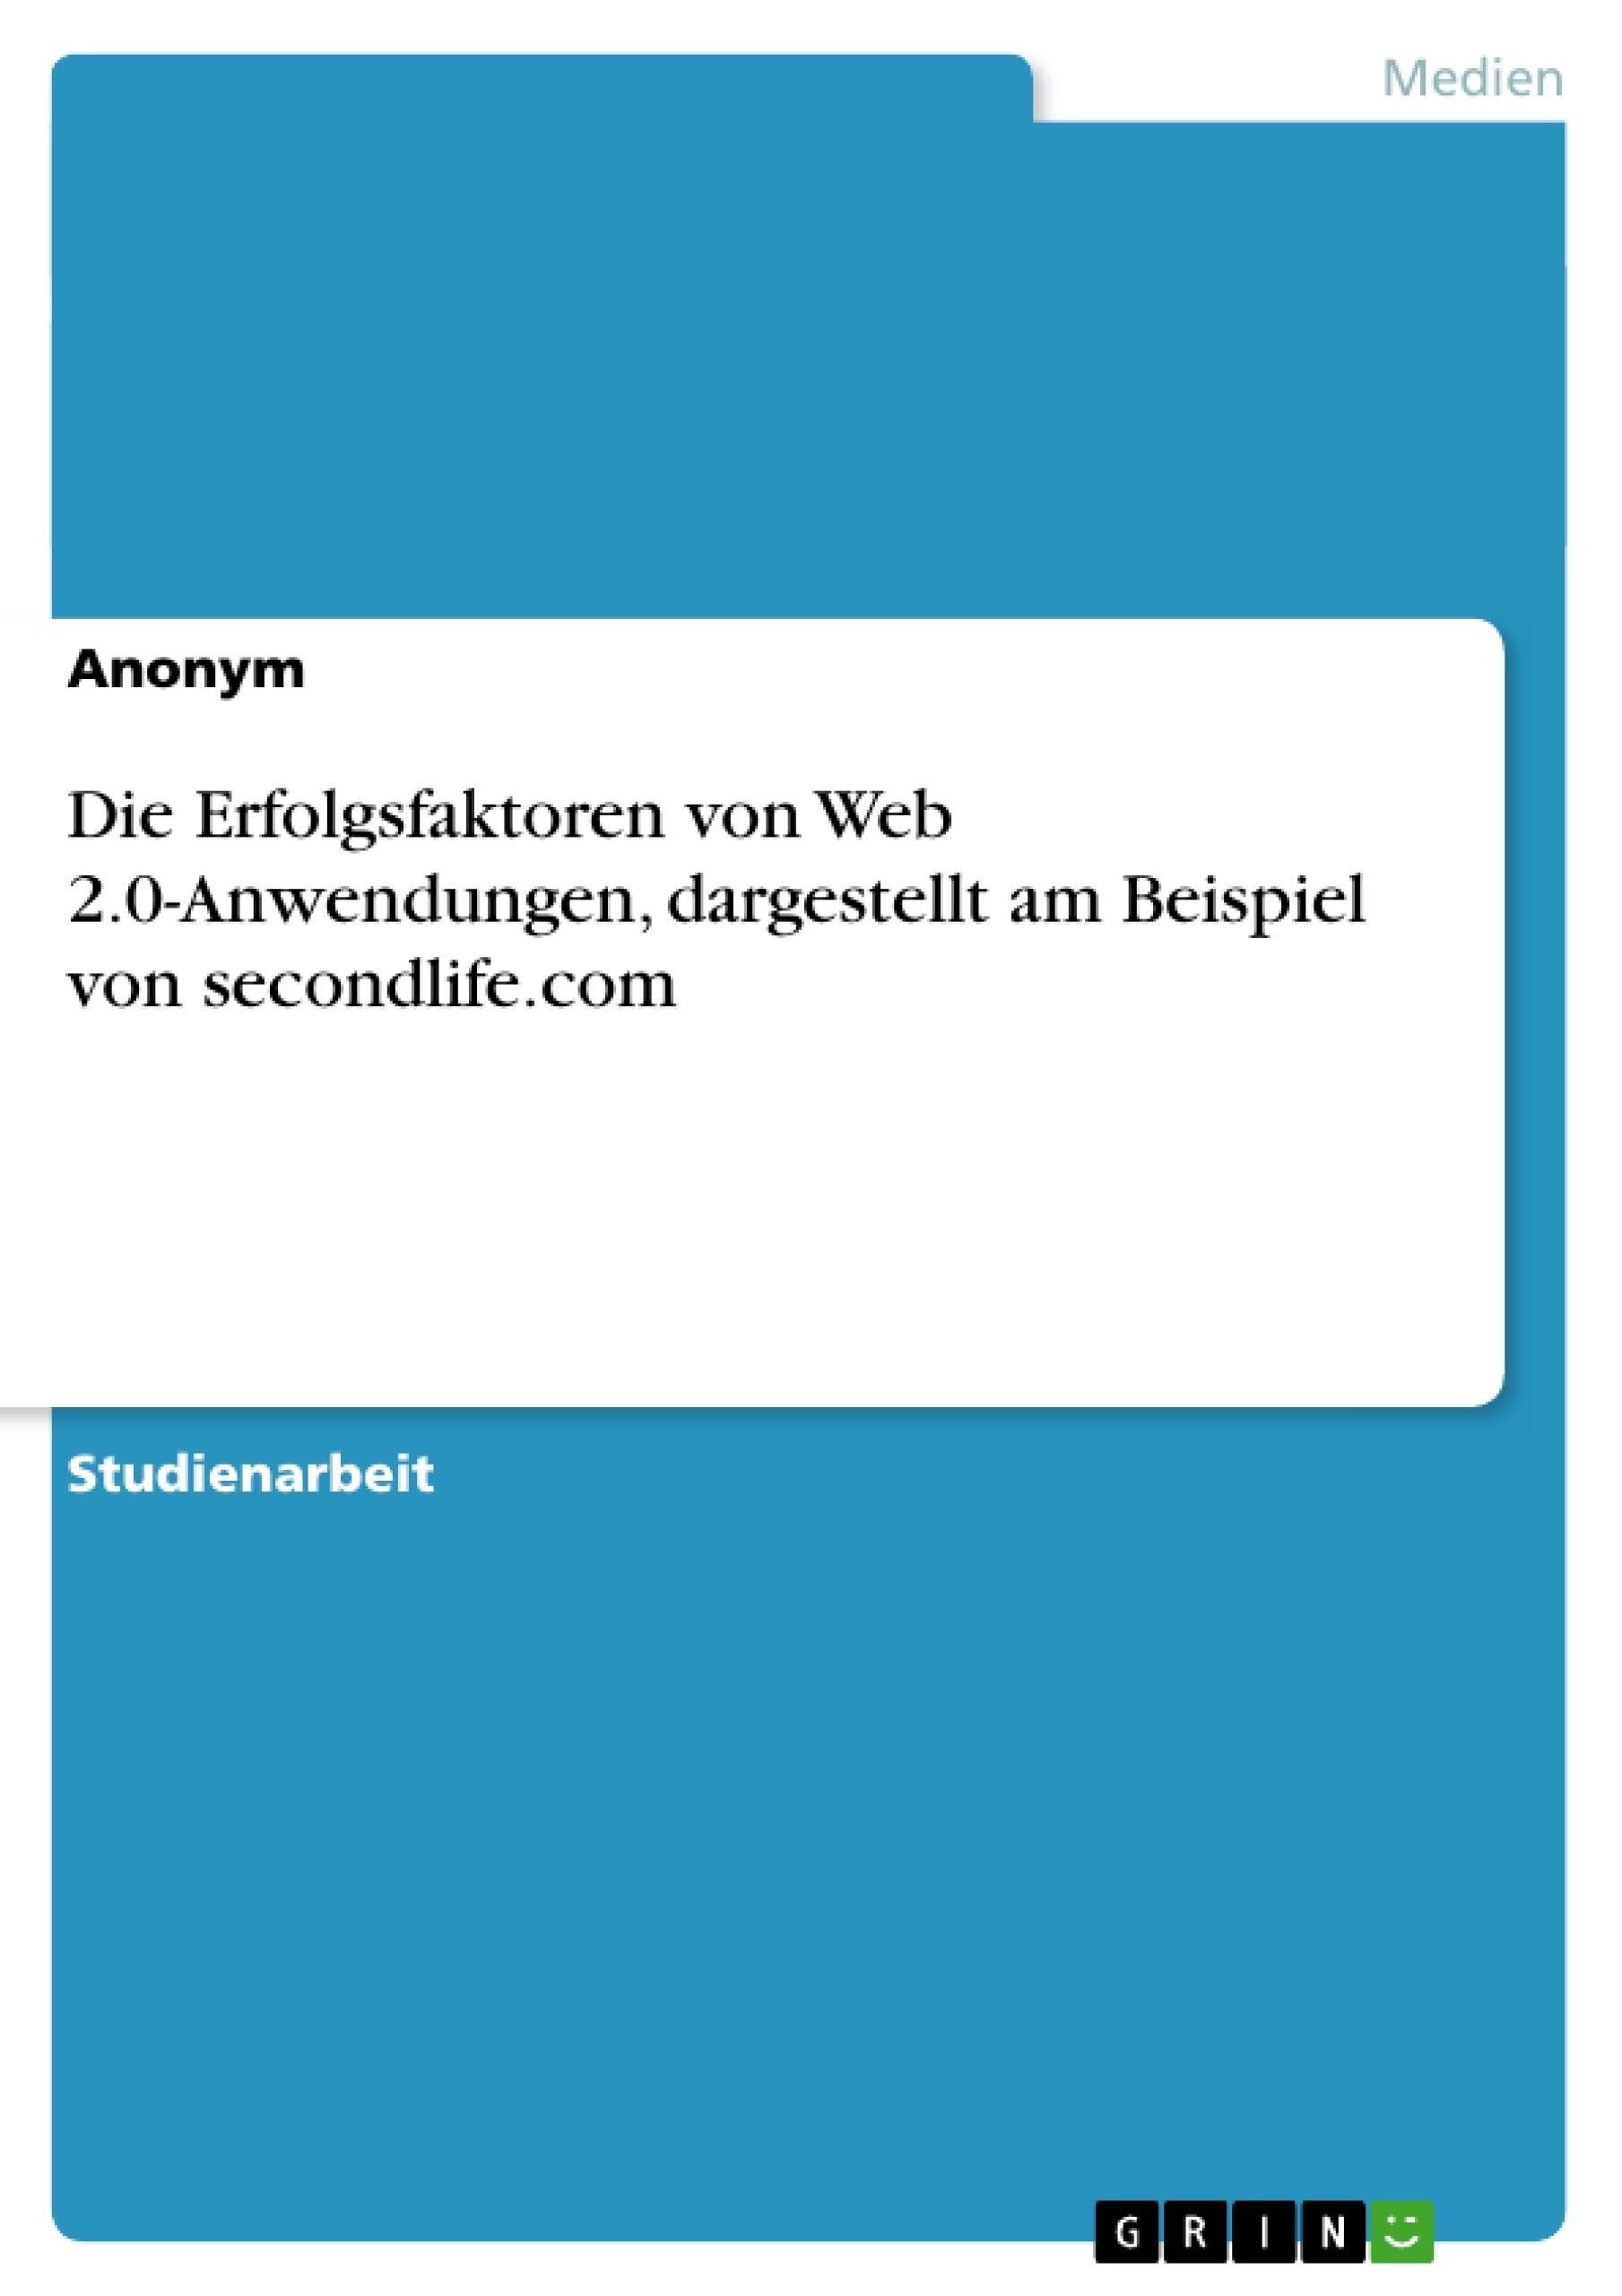 Titel: Die Erfolgsfaktoren von Web 2.0-Anwendungen, dargestellt am Beispiel von secondlife.com